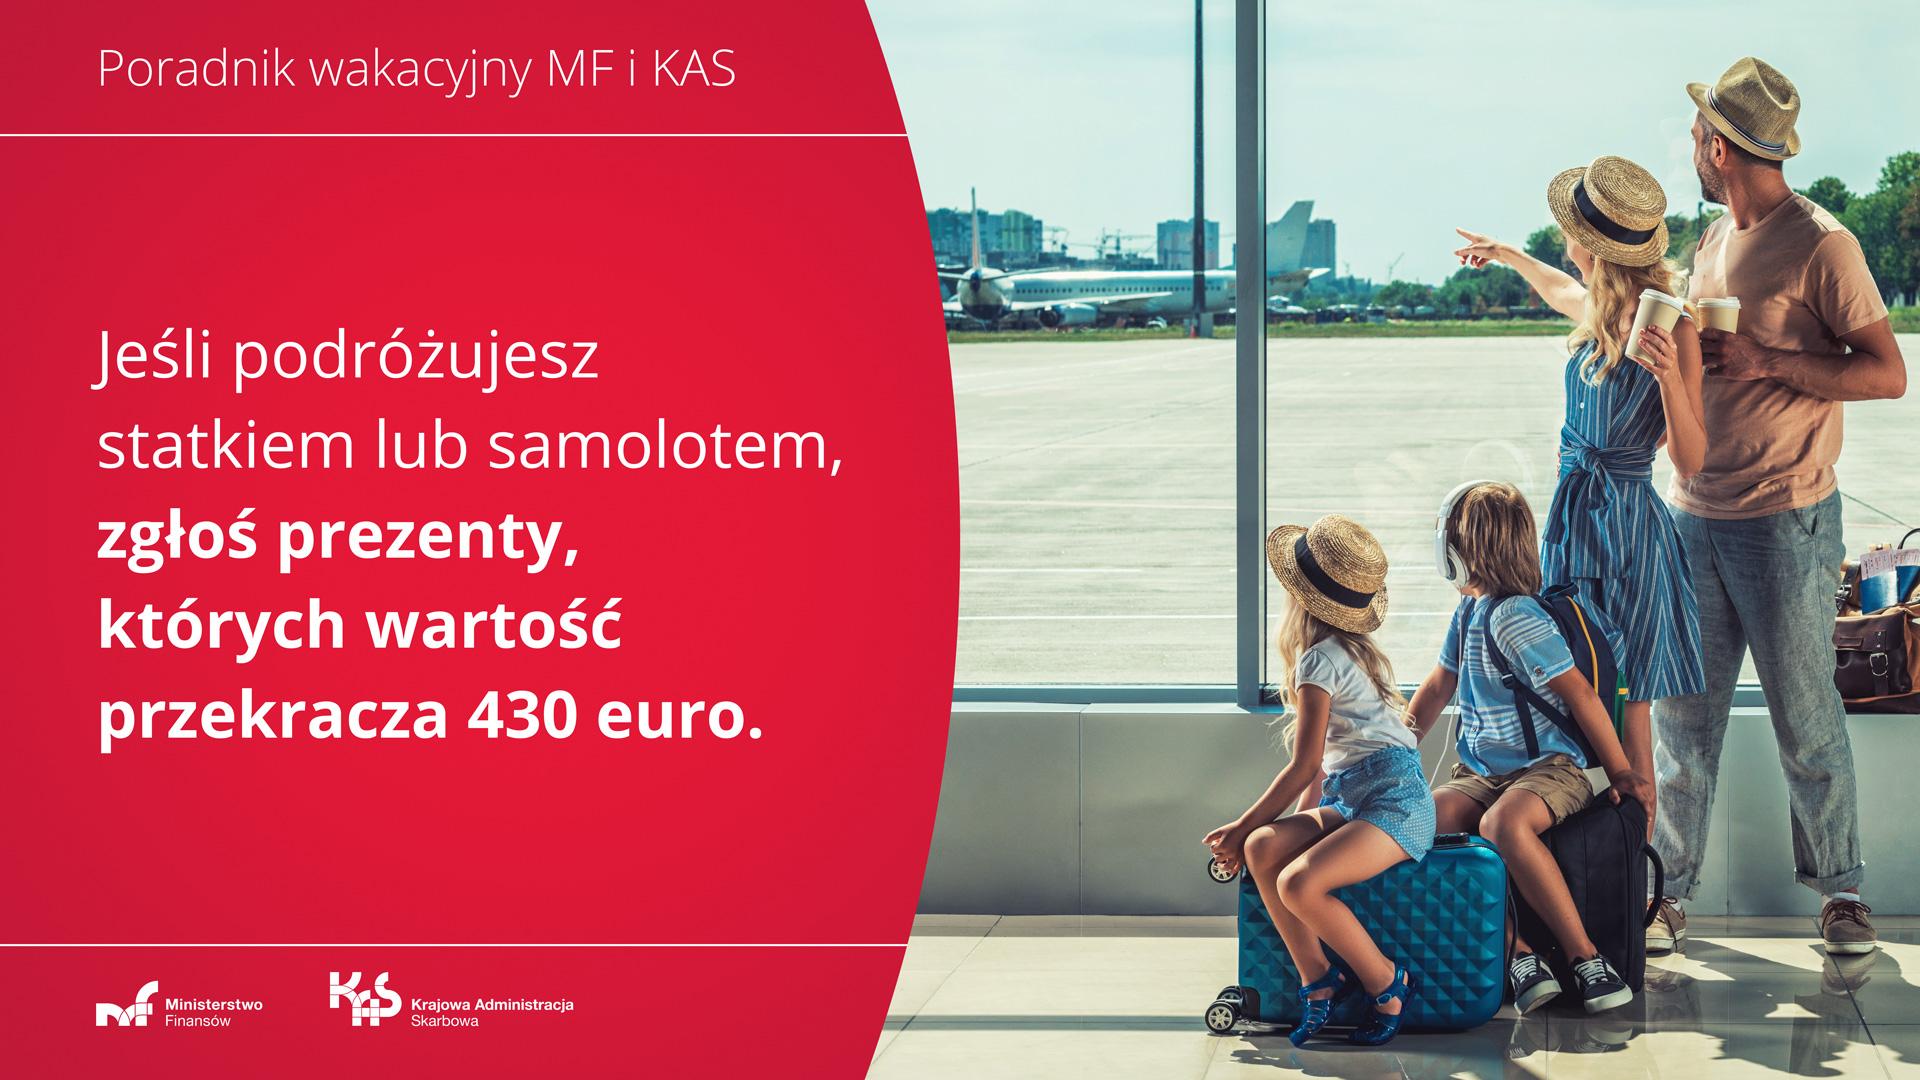 Kobieta, mężczyzna, dwoje dzieci na lotnisku. Napis: Jeśli podróżujesz statkiem lub samolotem, zgłoś prezenty, których wartość przekracza 430 euro.